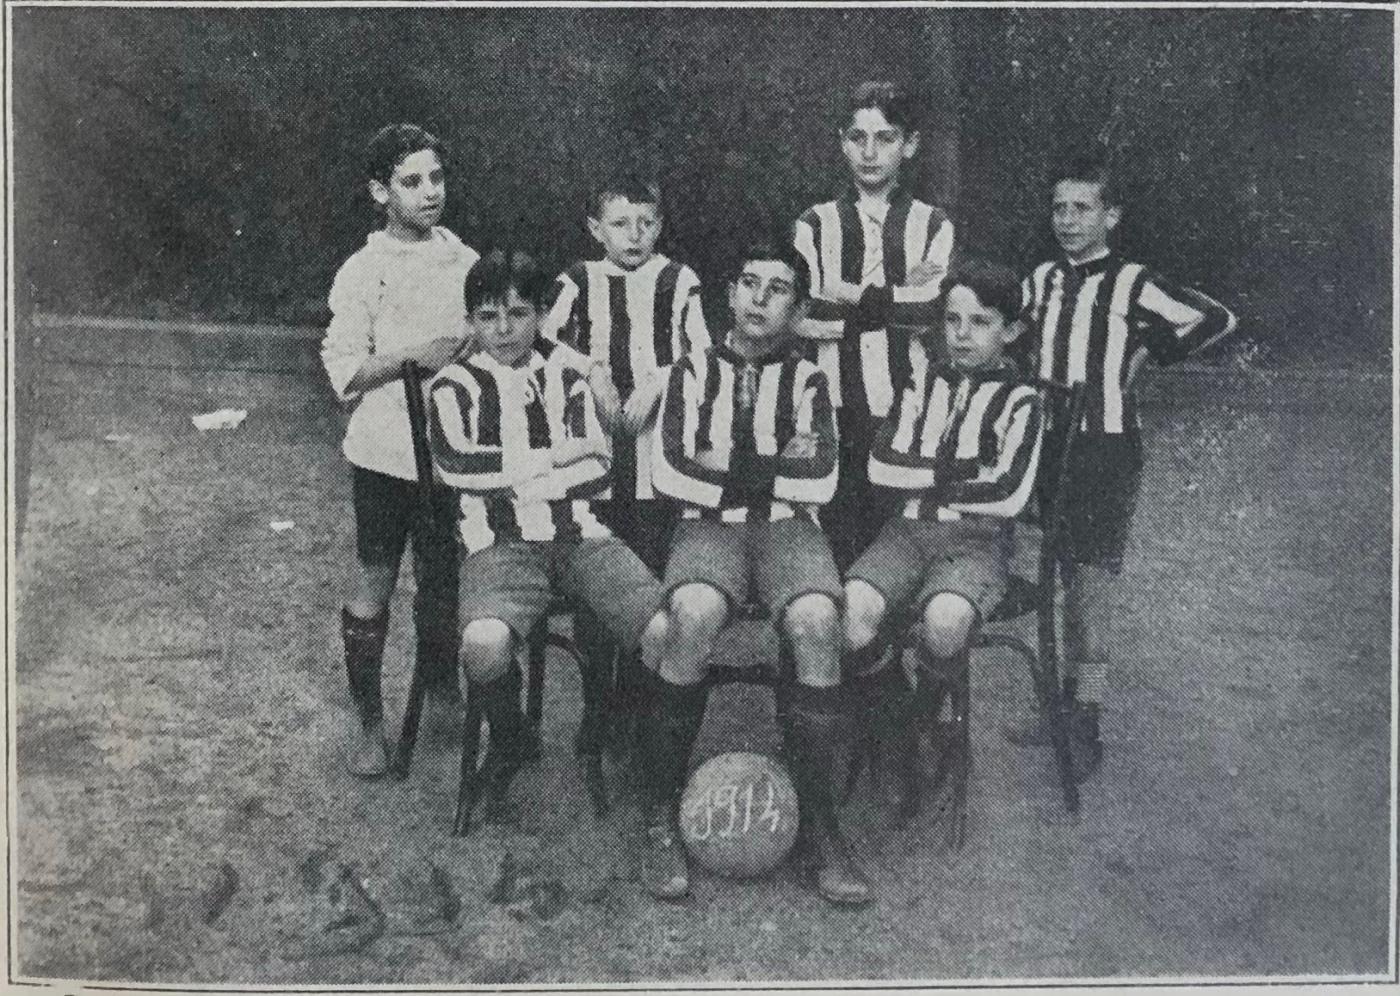 Campeones de los pequeños (curso 1913-1914): de pie: J. Barroso, F.Marín, Ignacio Corujo, Salvador Bertrán de Lis; sentados: José María Muñagorri, Alfonso Bernáldez, Manuel Muñagorri.